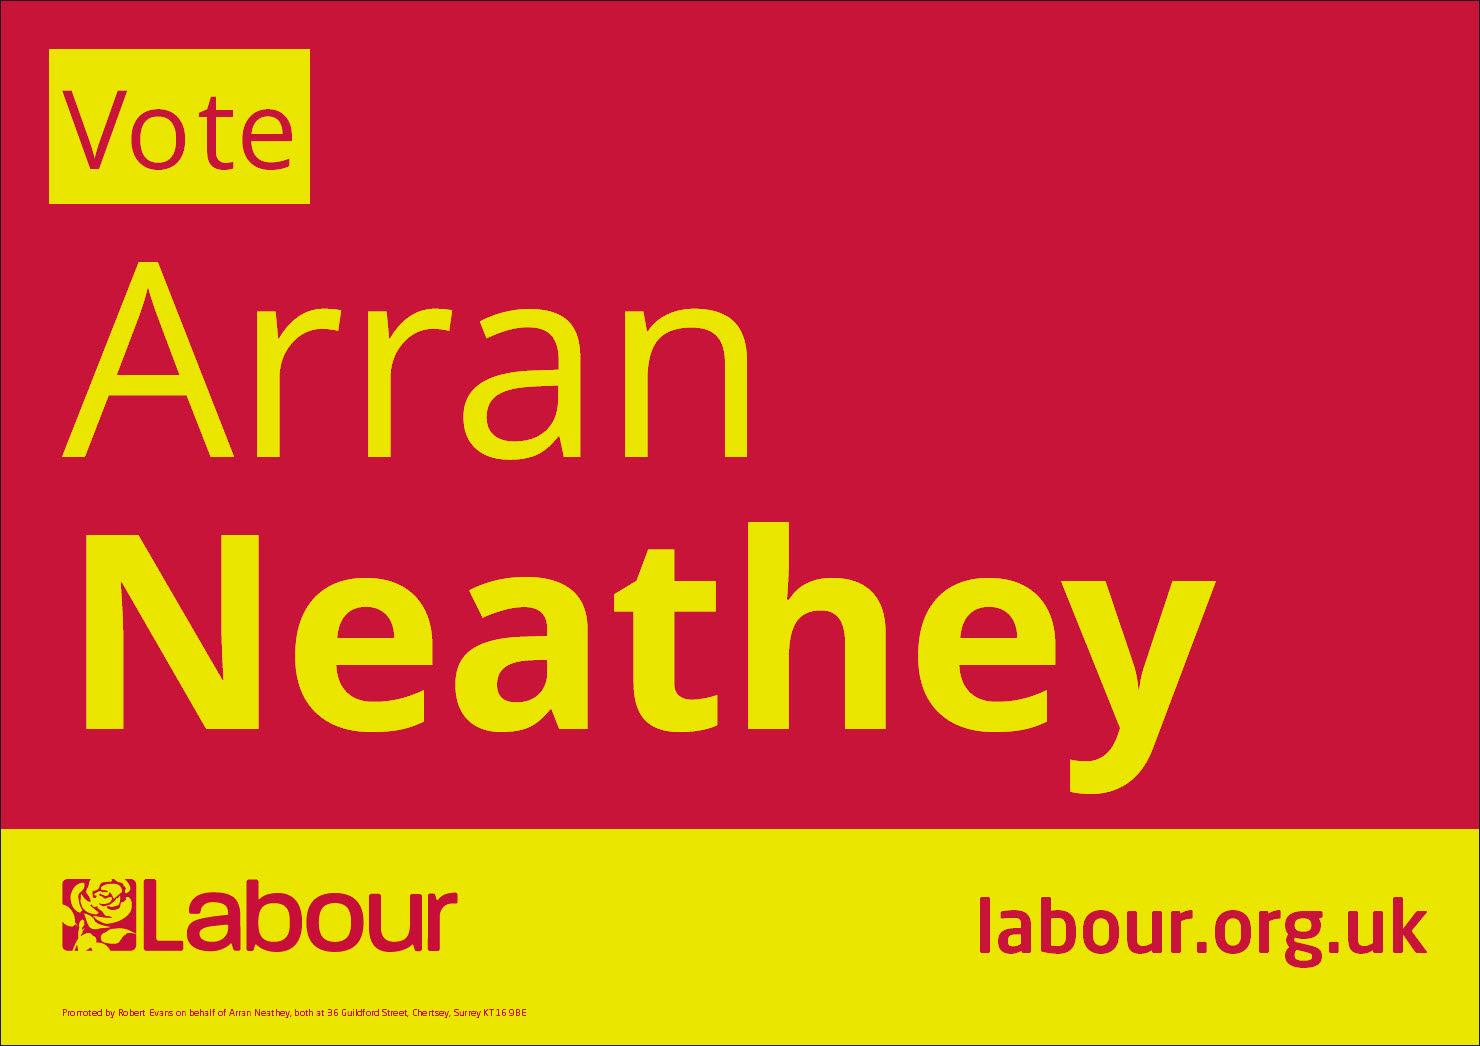 vote_neathey.jpg